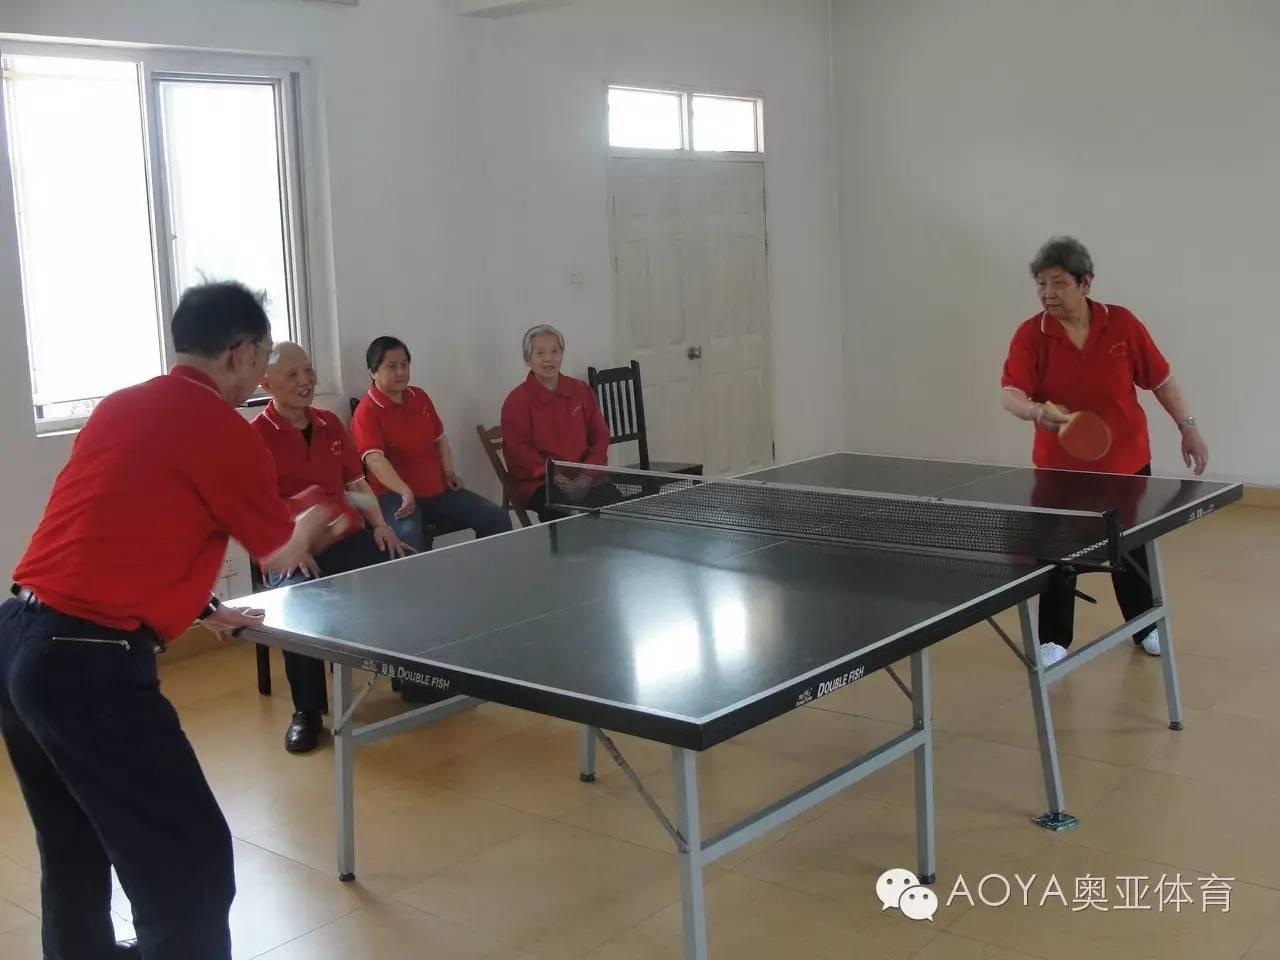 卢元镇教授:,三杯吐然诺下一句健康中国,体育应该前置